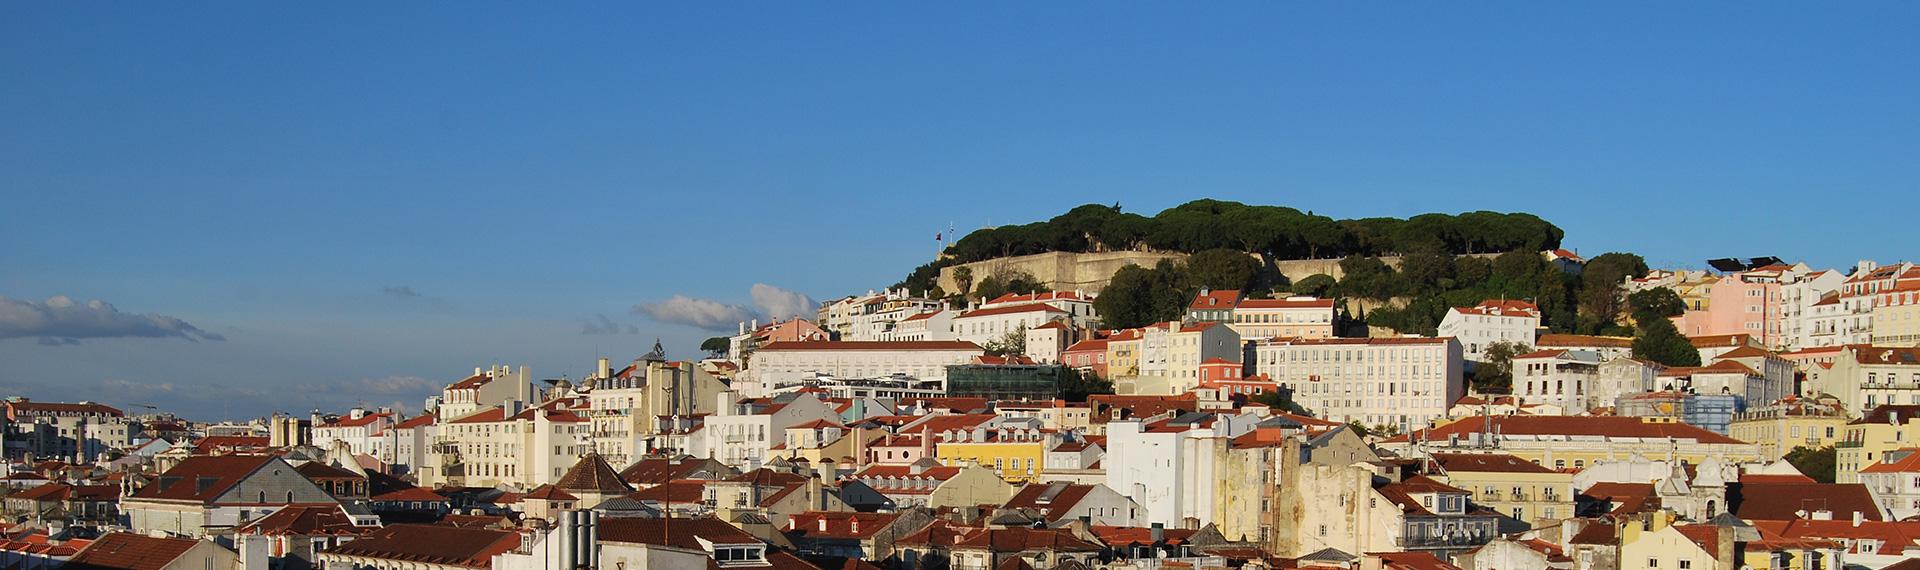 cidade-portugal